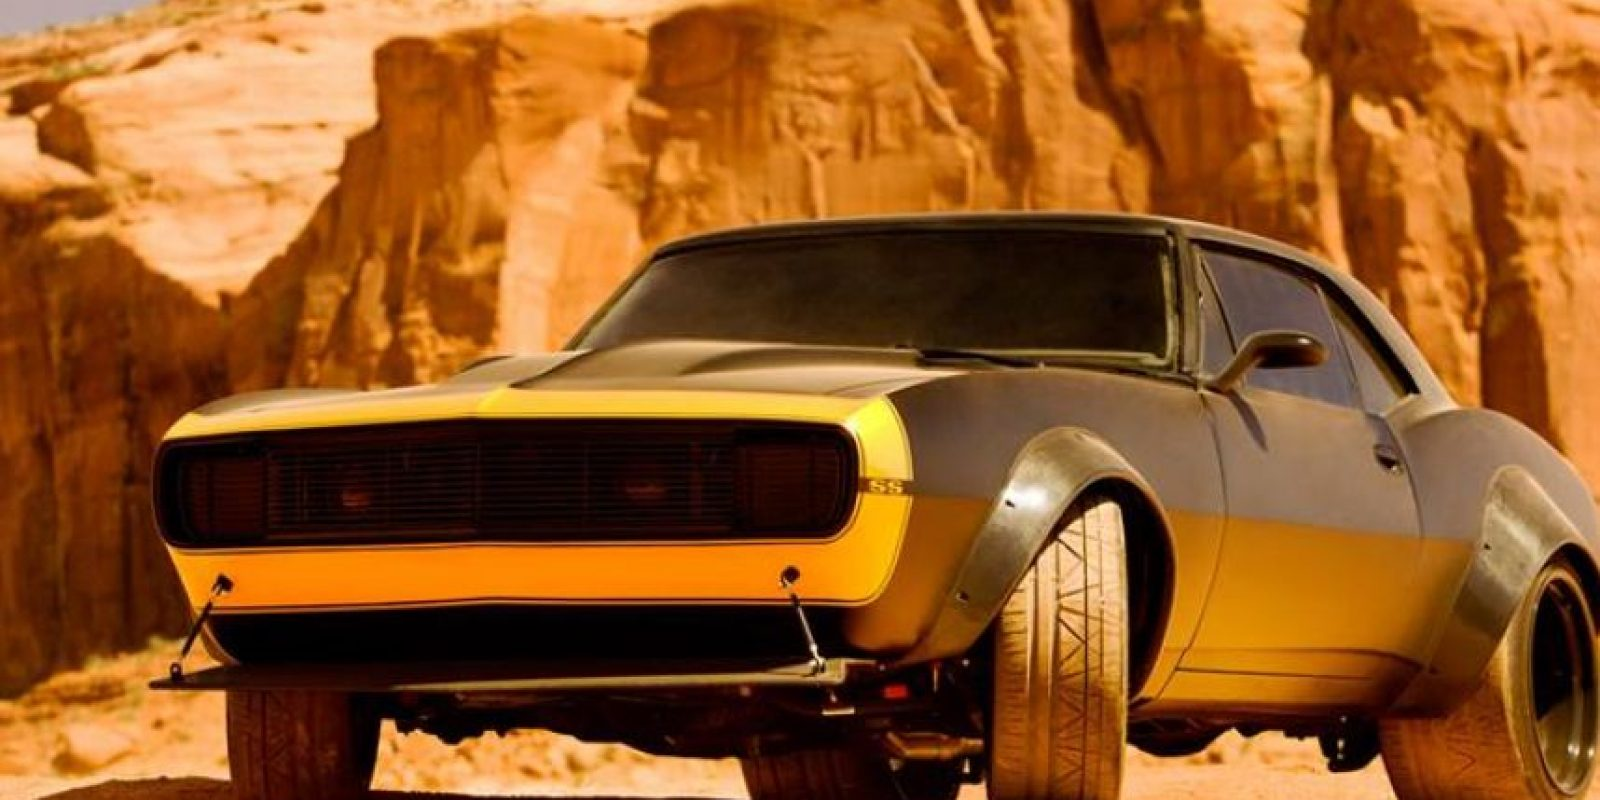 Nuevo Bumblebee, Camaro 1967 Vintage Foto:facebook.com/transformersmovie